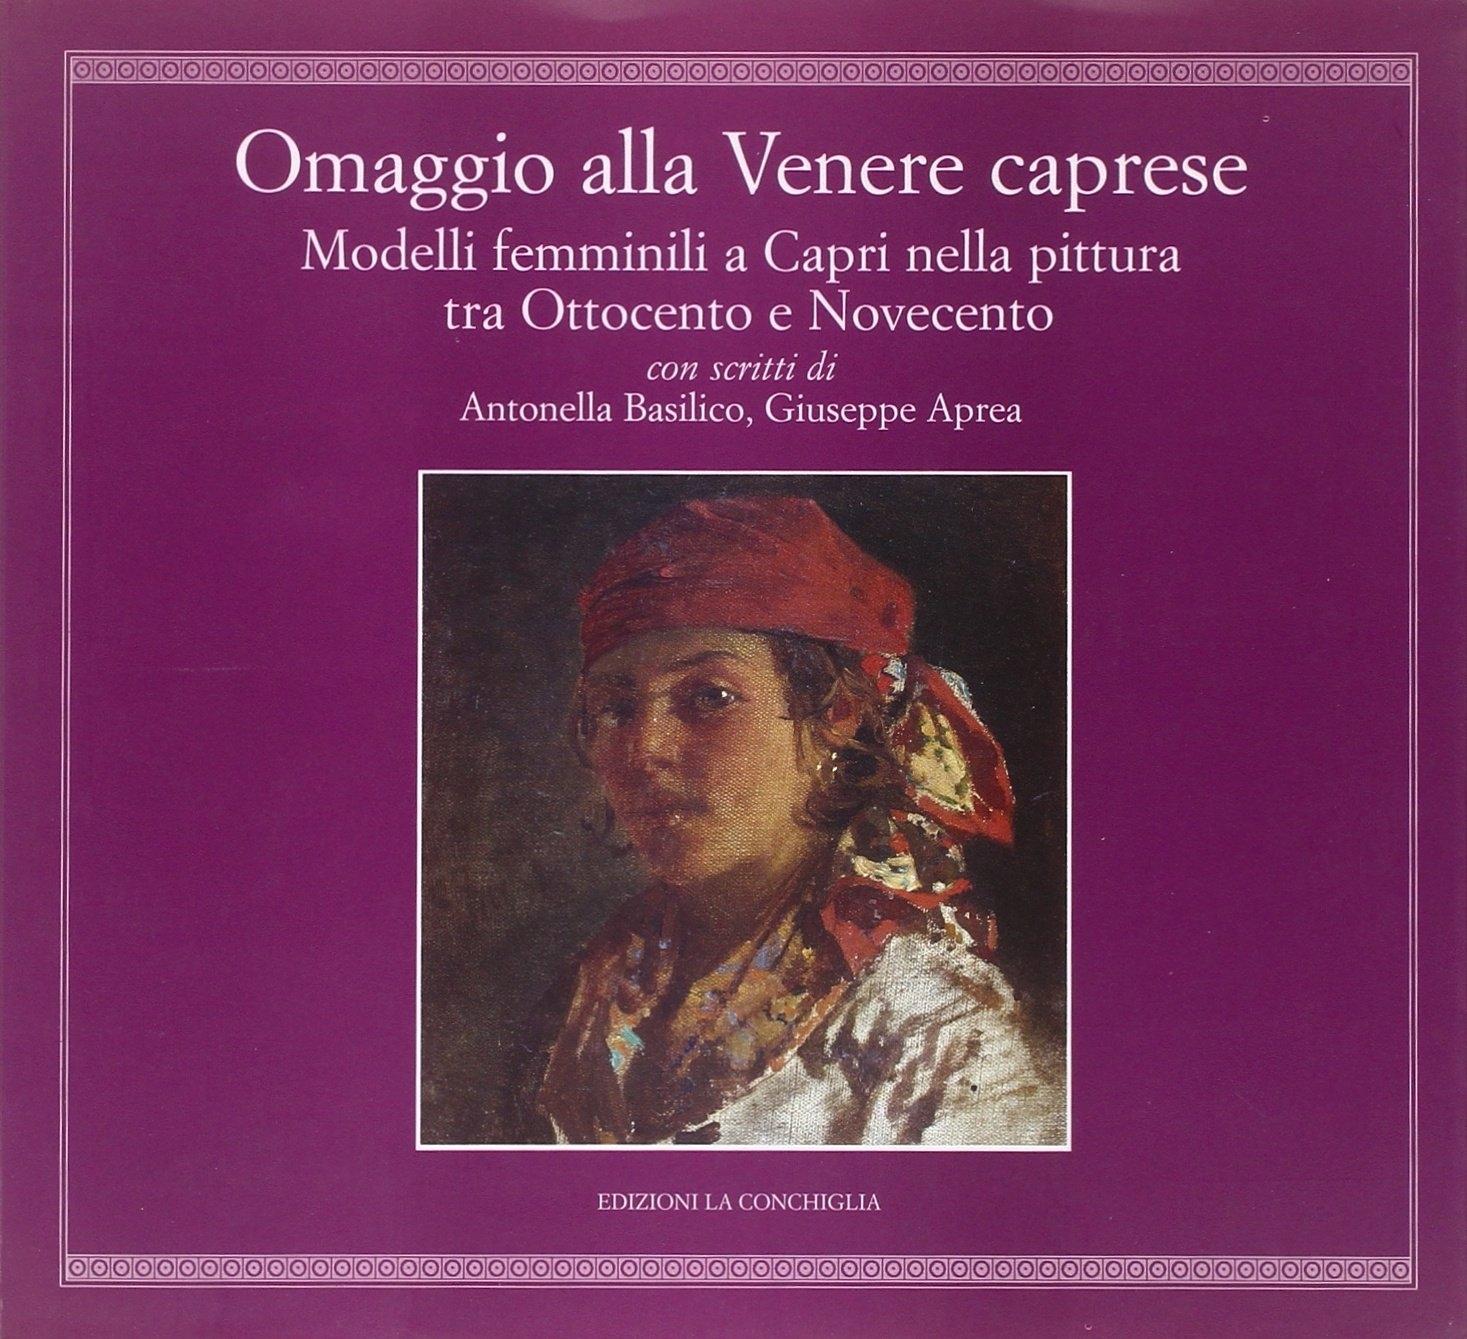 Omaggio alla Venere Caprese. Modelli femminili a Capri nella pittura tra Ottocento e Novecento.